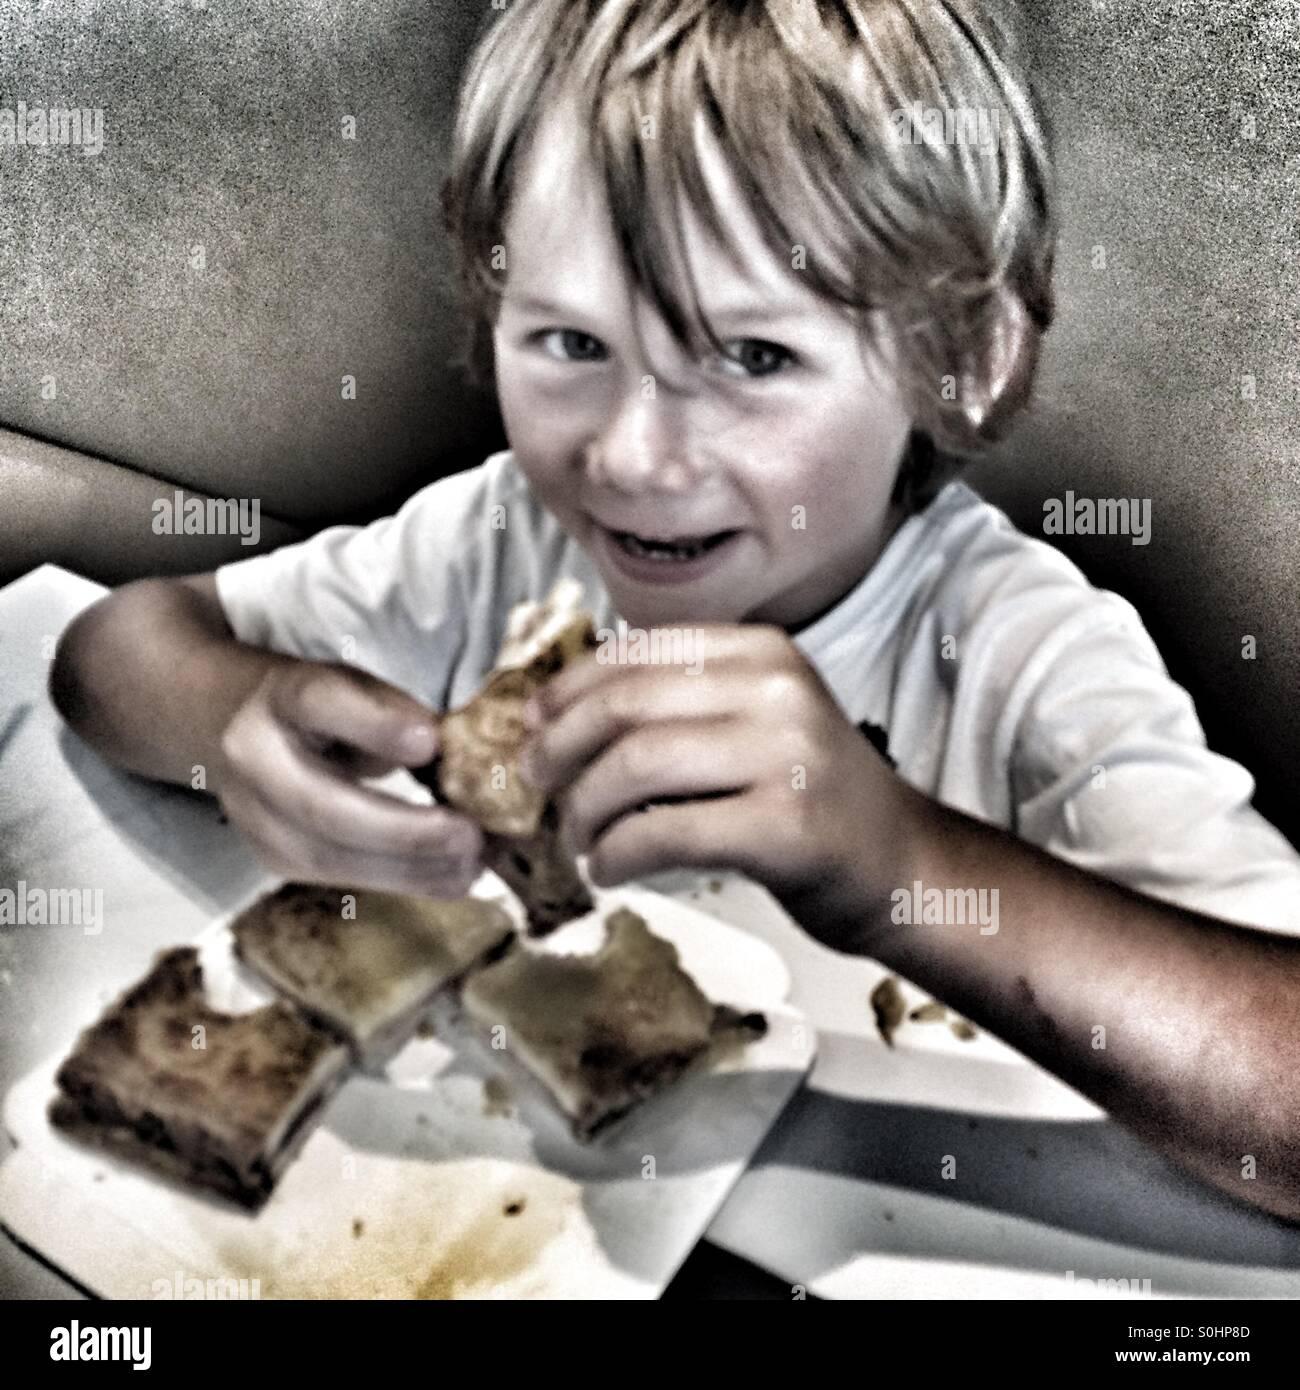 Fünf Jahre alten Essen sandwich Stockbild